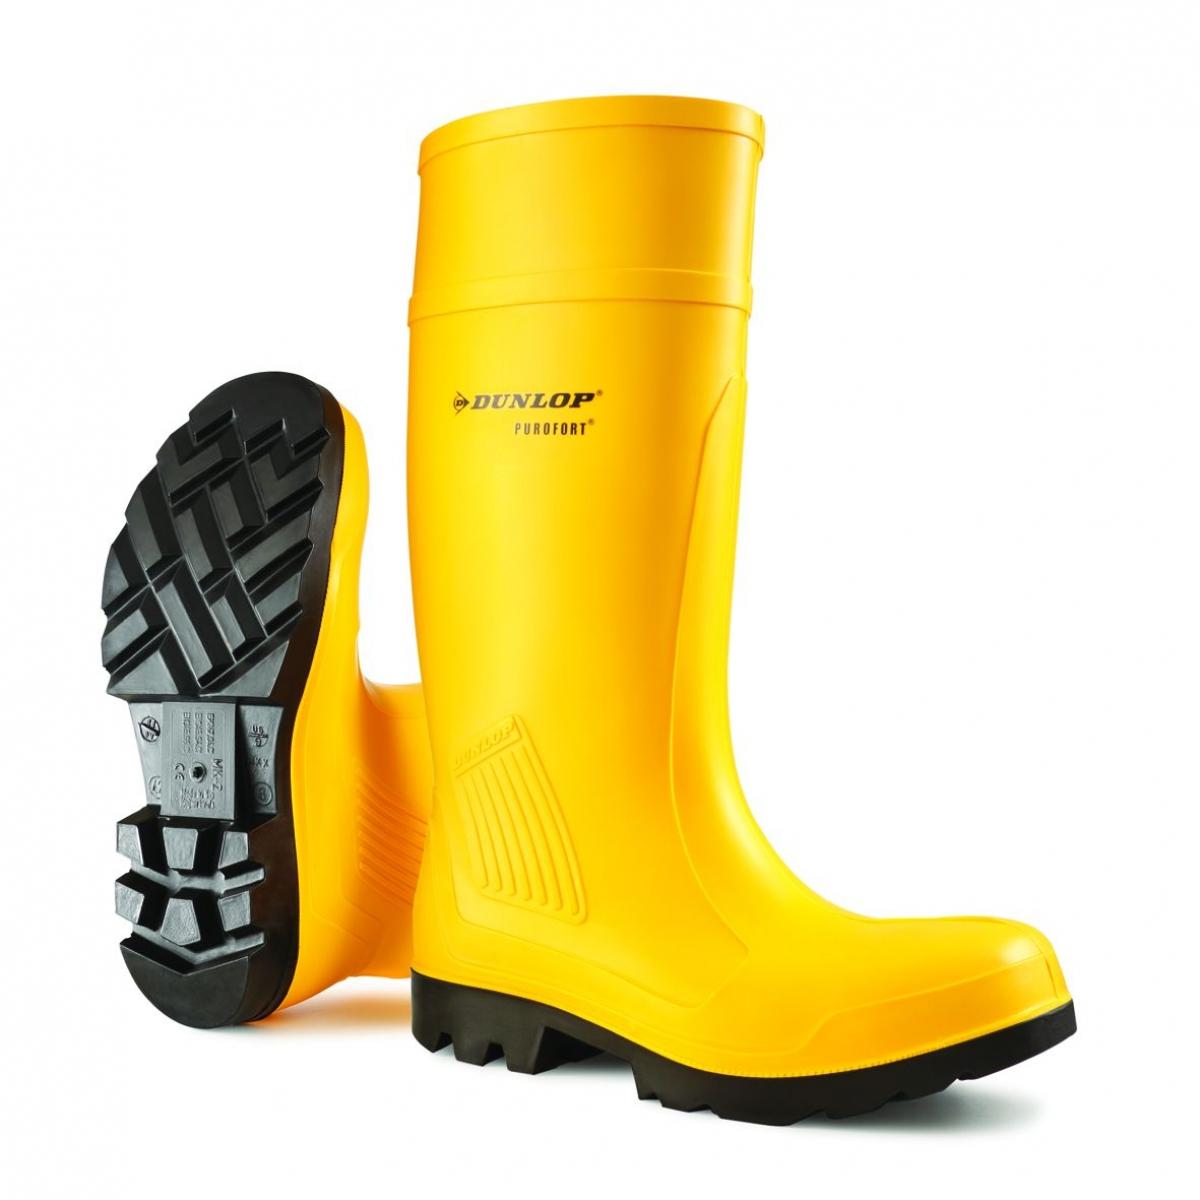 F-S5-PU-Sicherheitsstiefel, Purofort, *RAALTE*, gelb/schwarz